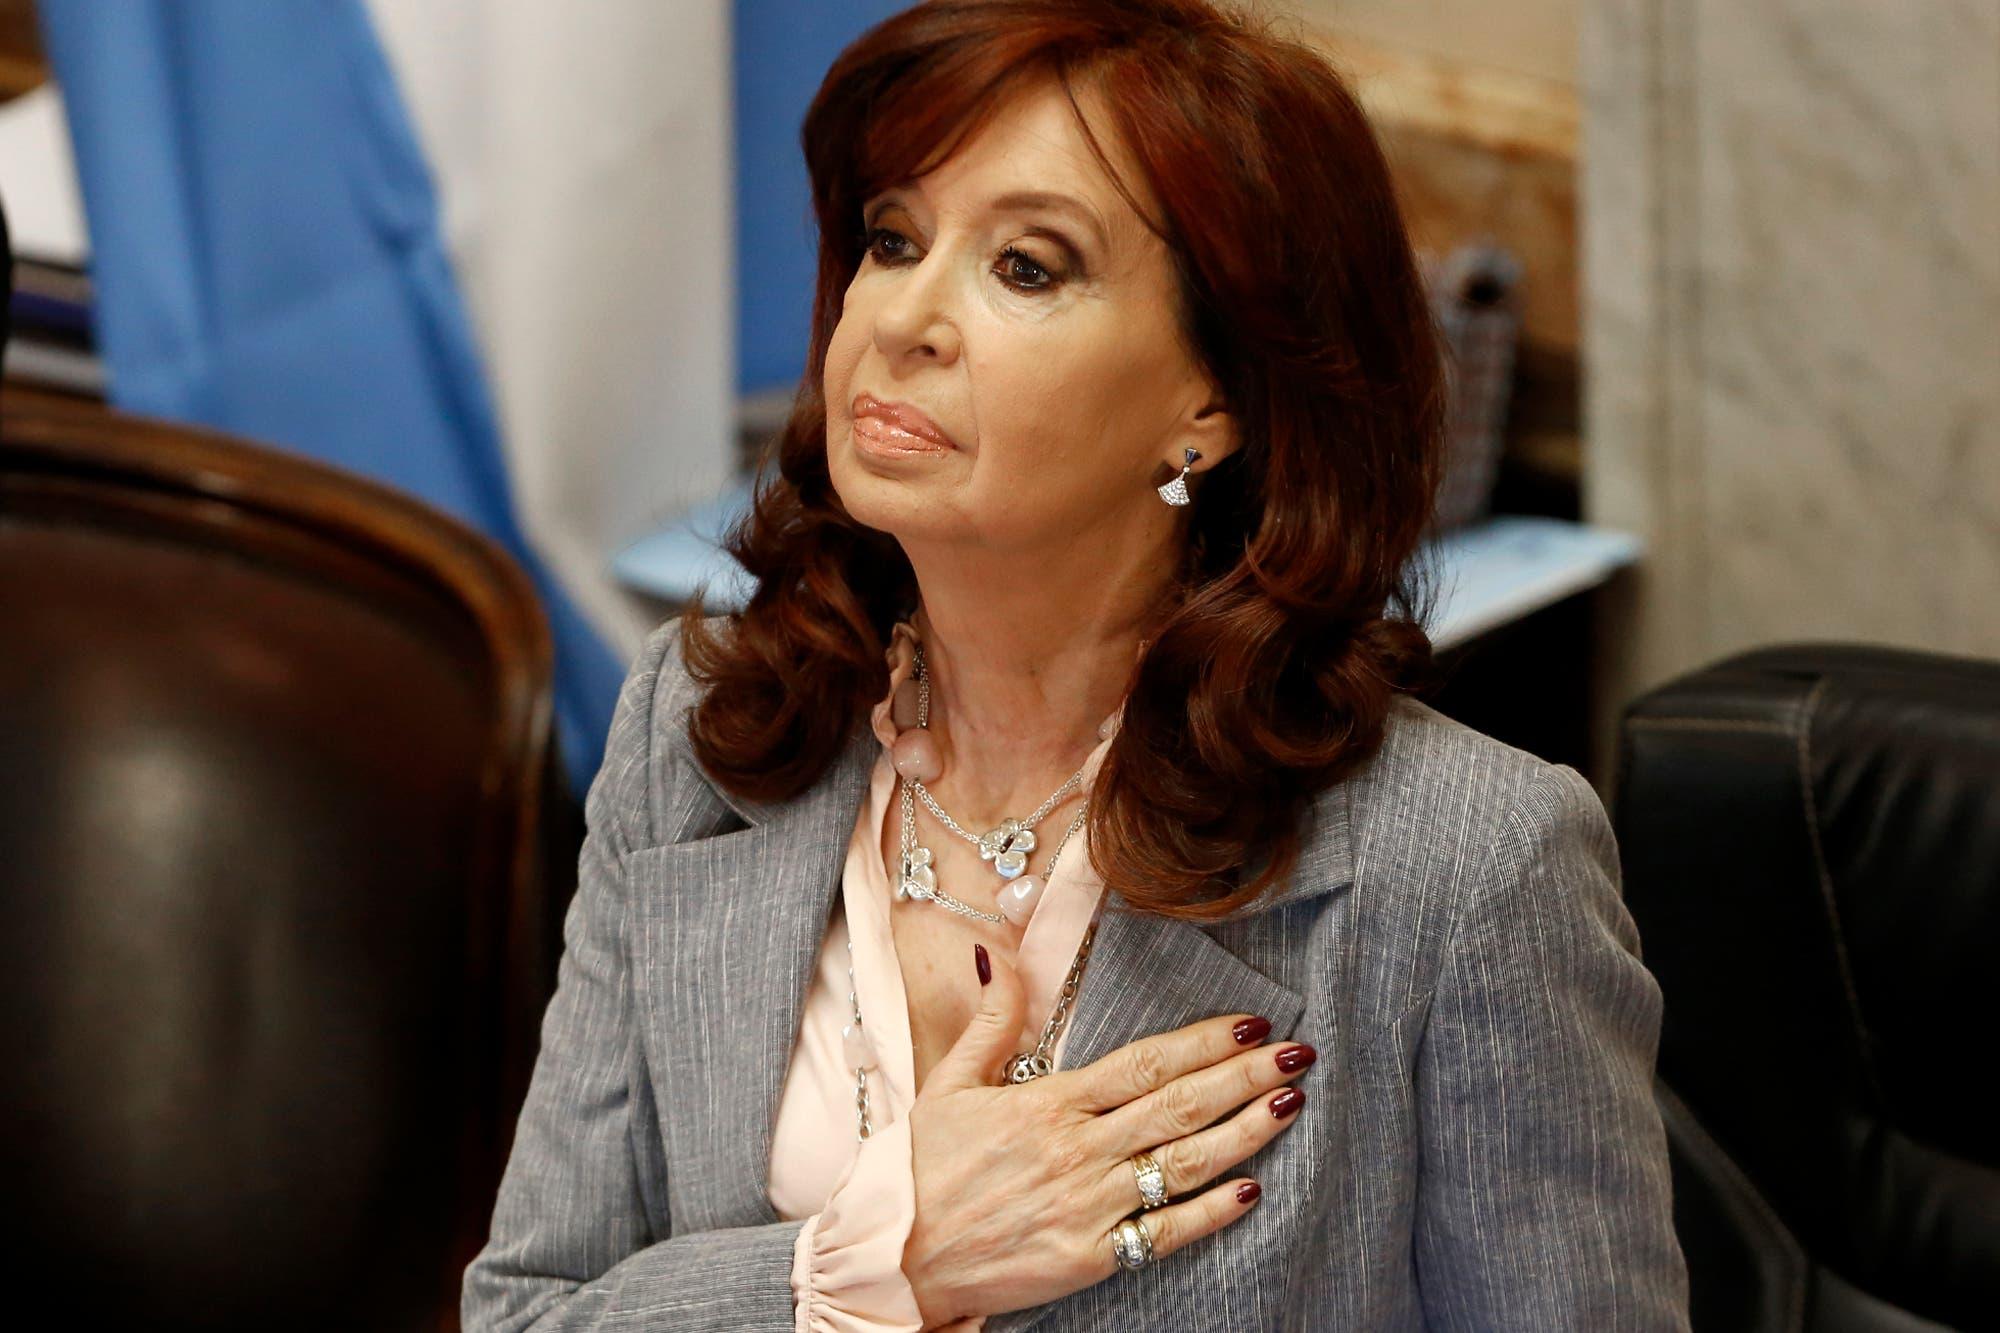 El pedido de Cristina Kirchner a la ciudadanía en el último día del año